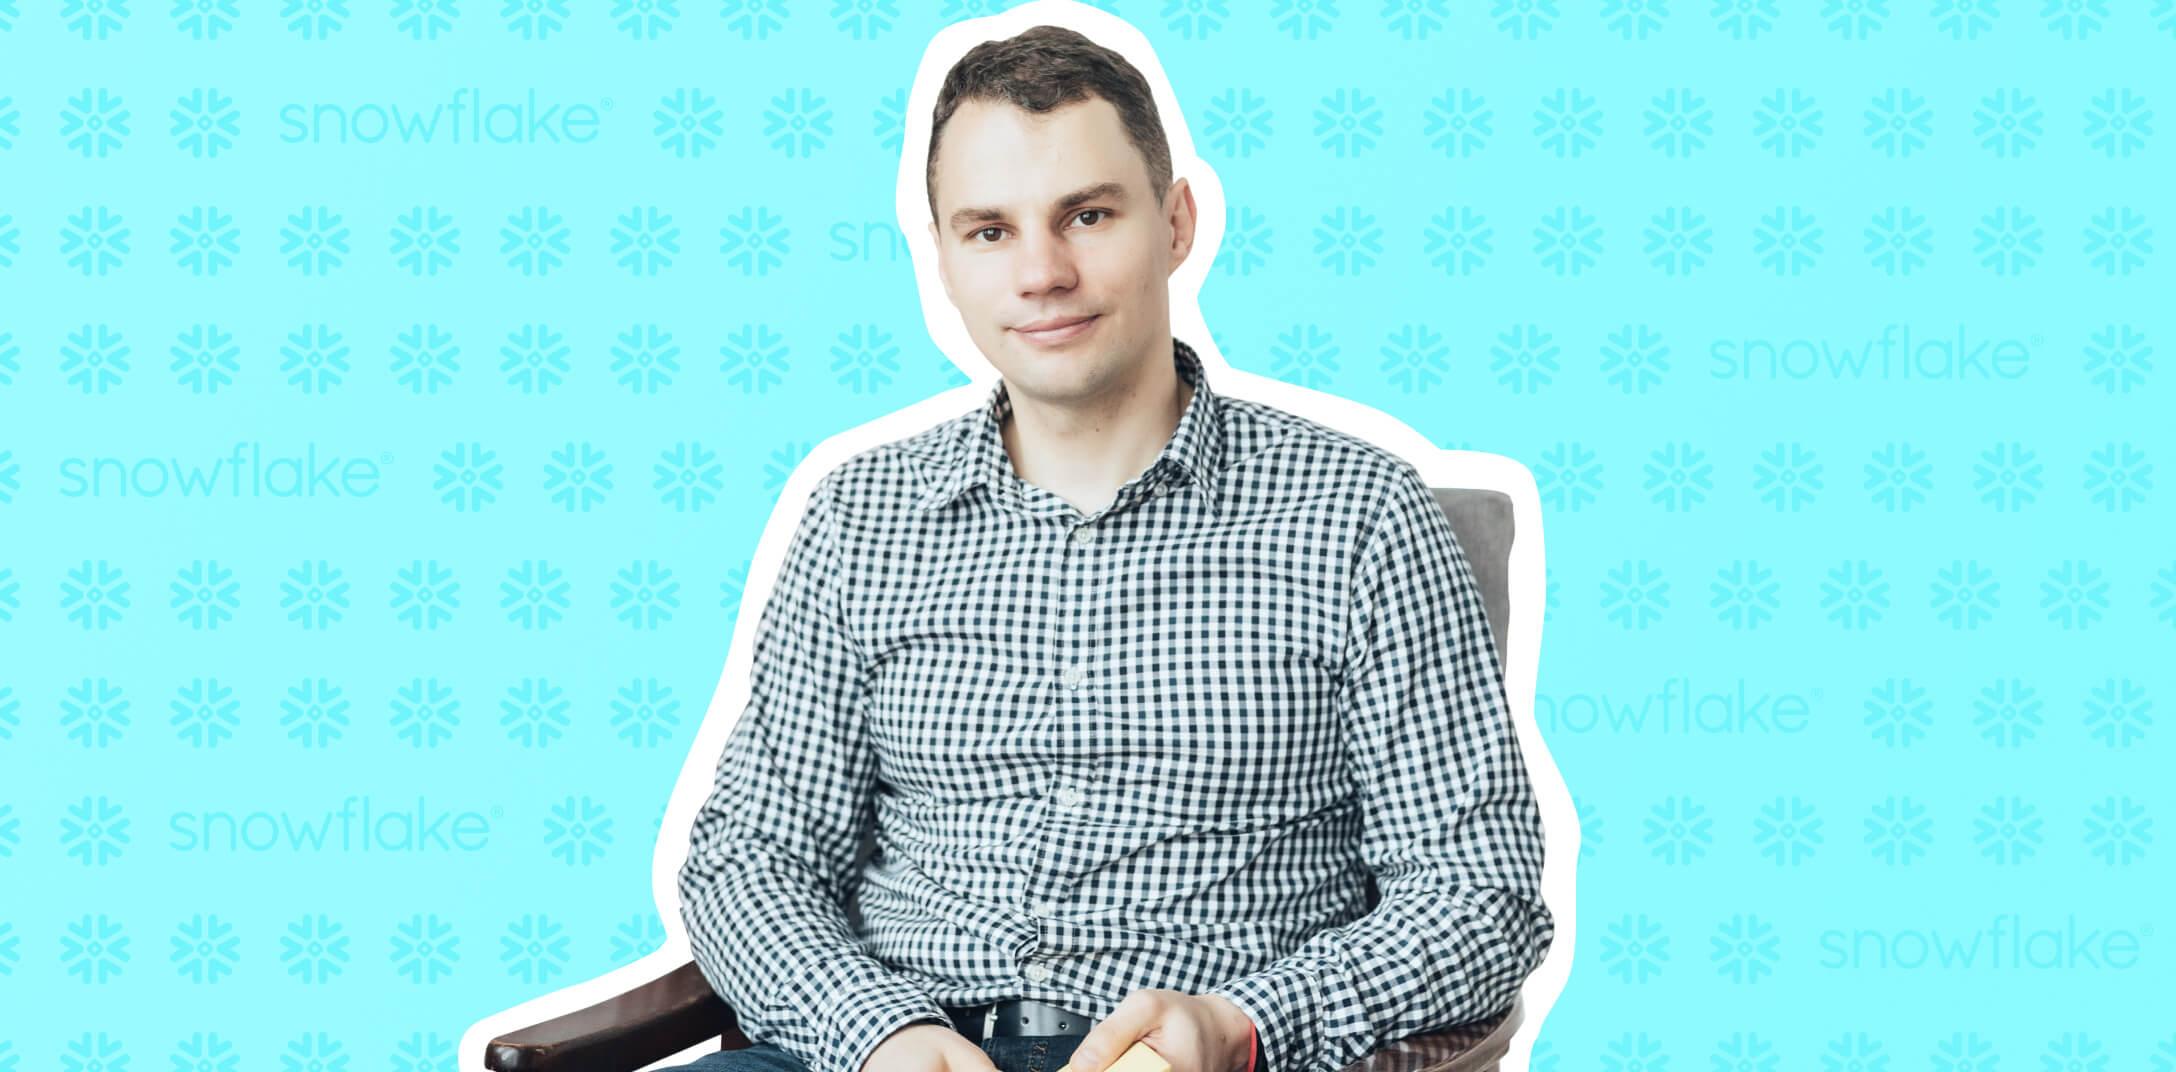 Maksim Krupenin, Solution Architect